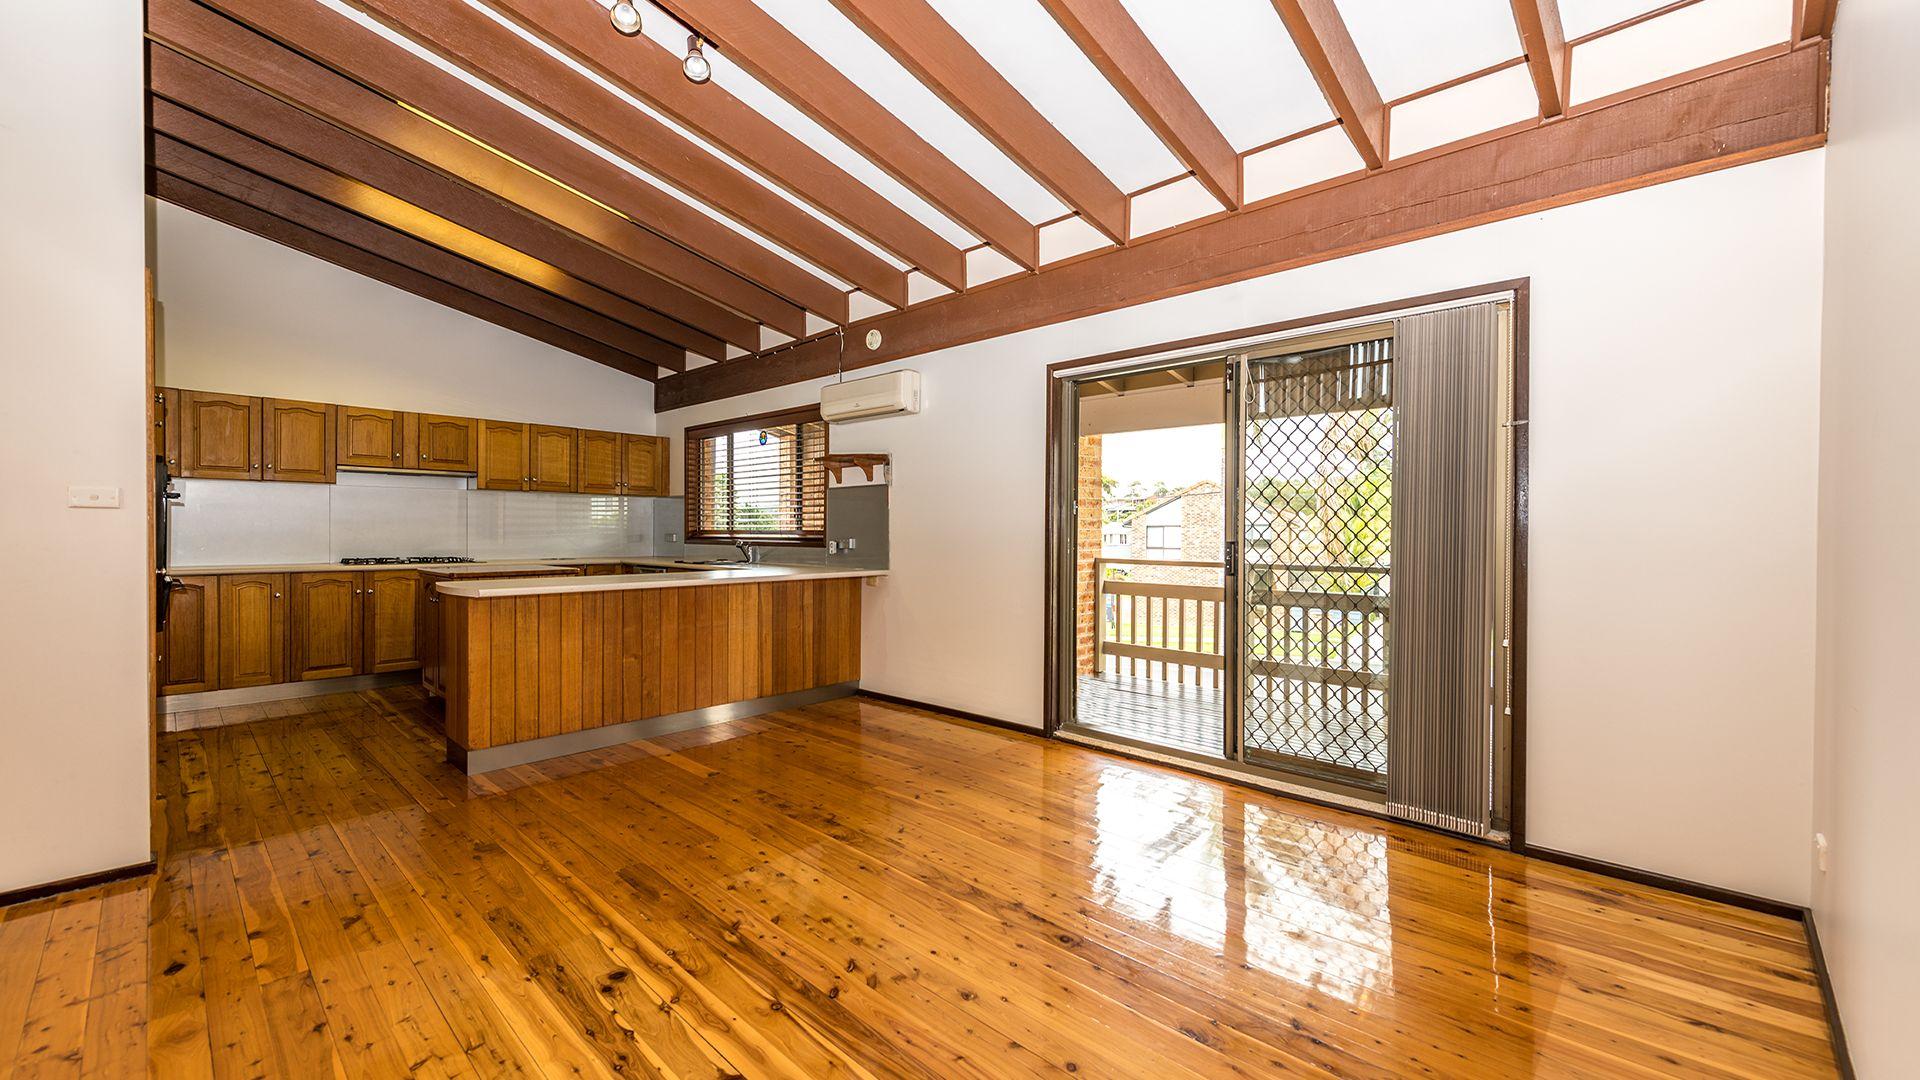 184 North Kiama  Drive, Kiama Downs NSW 2533, Image 2